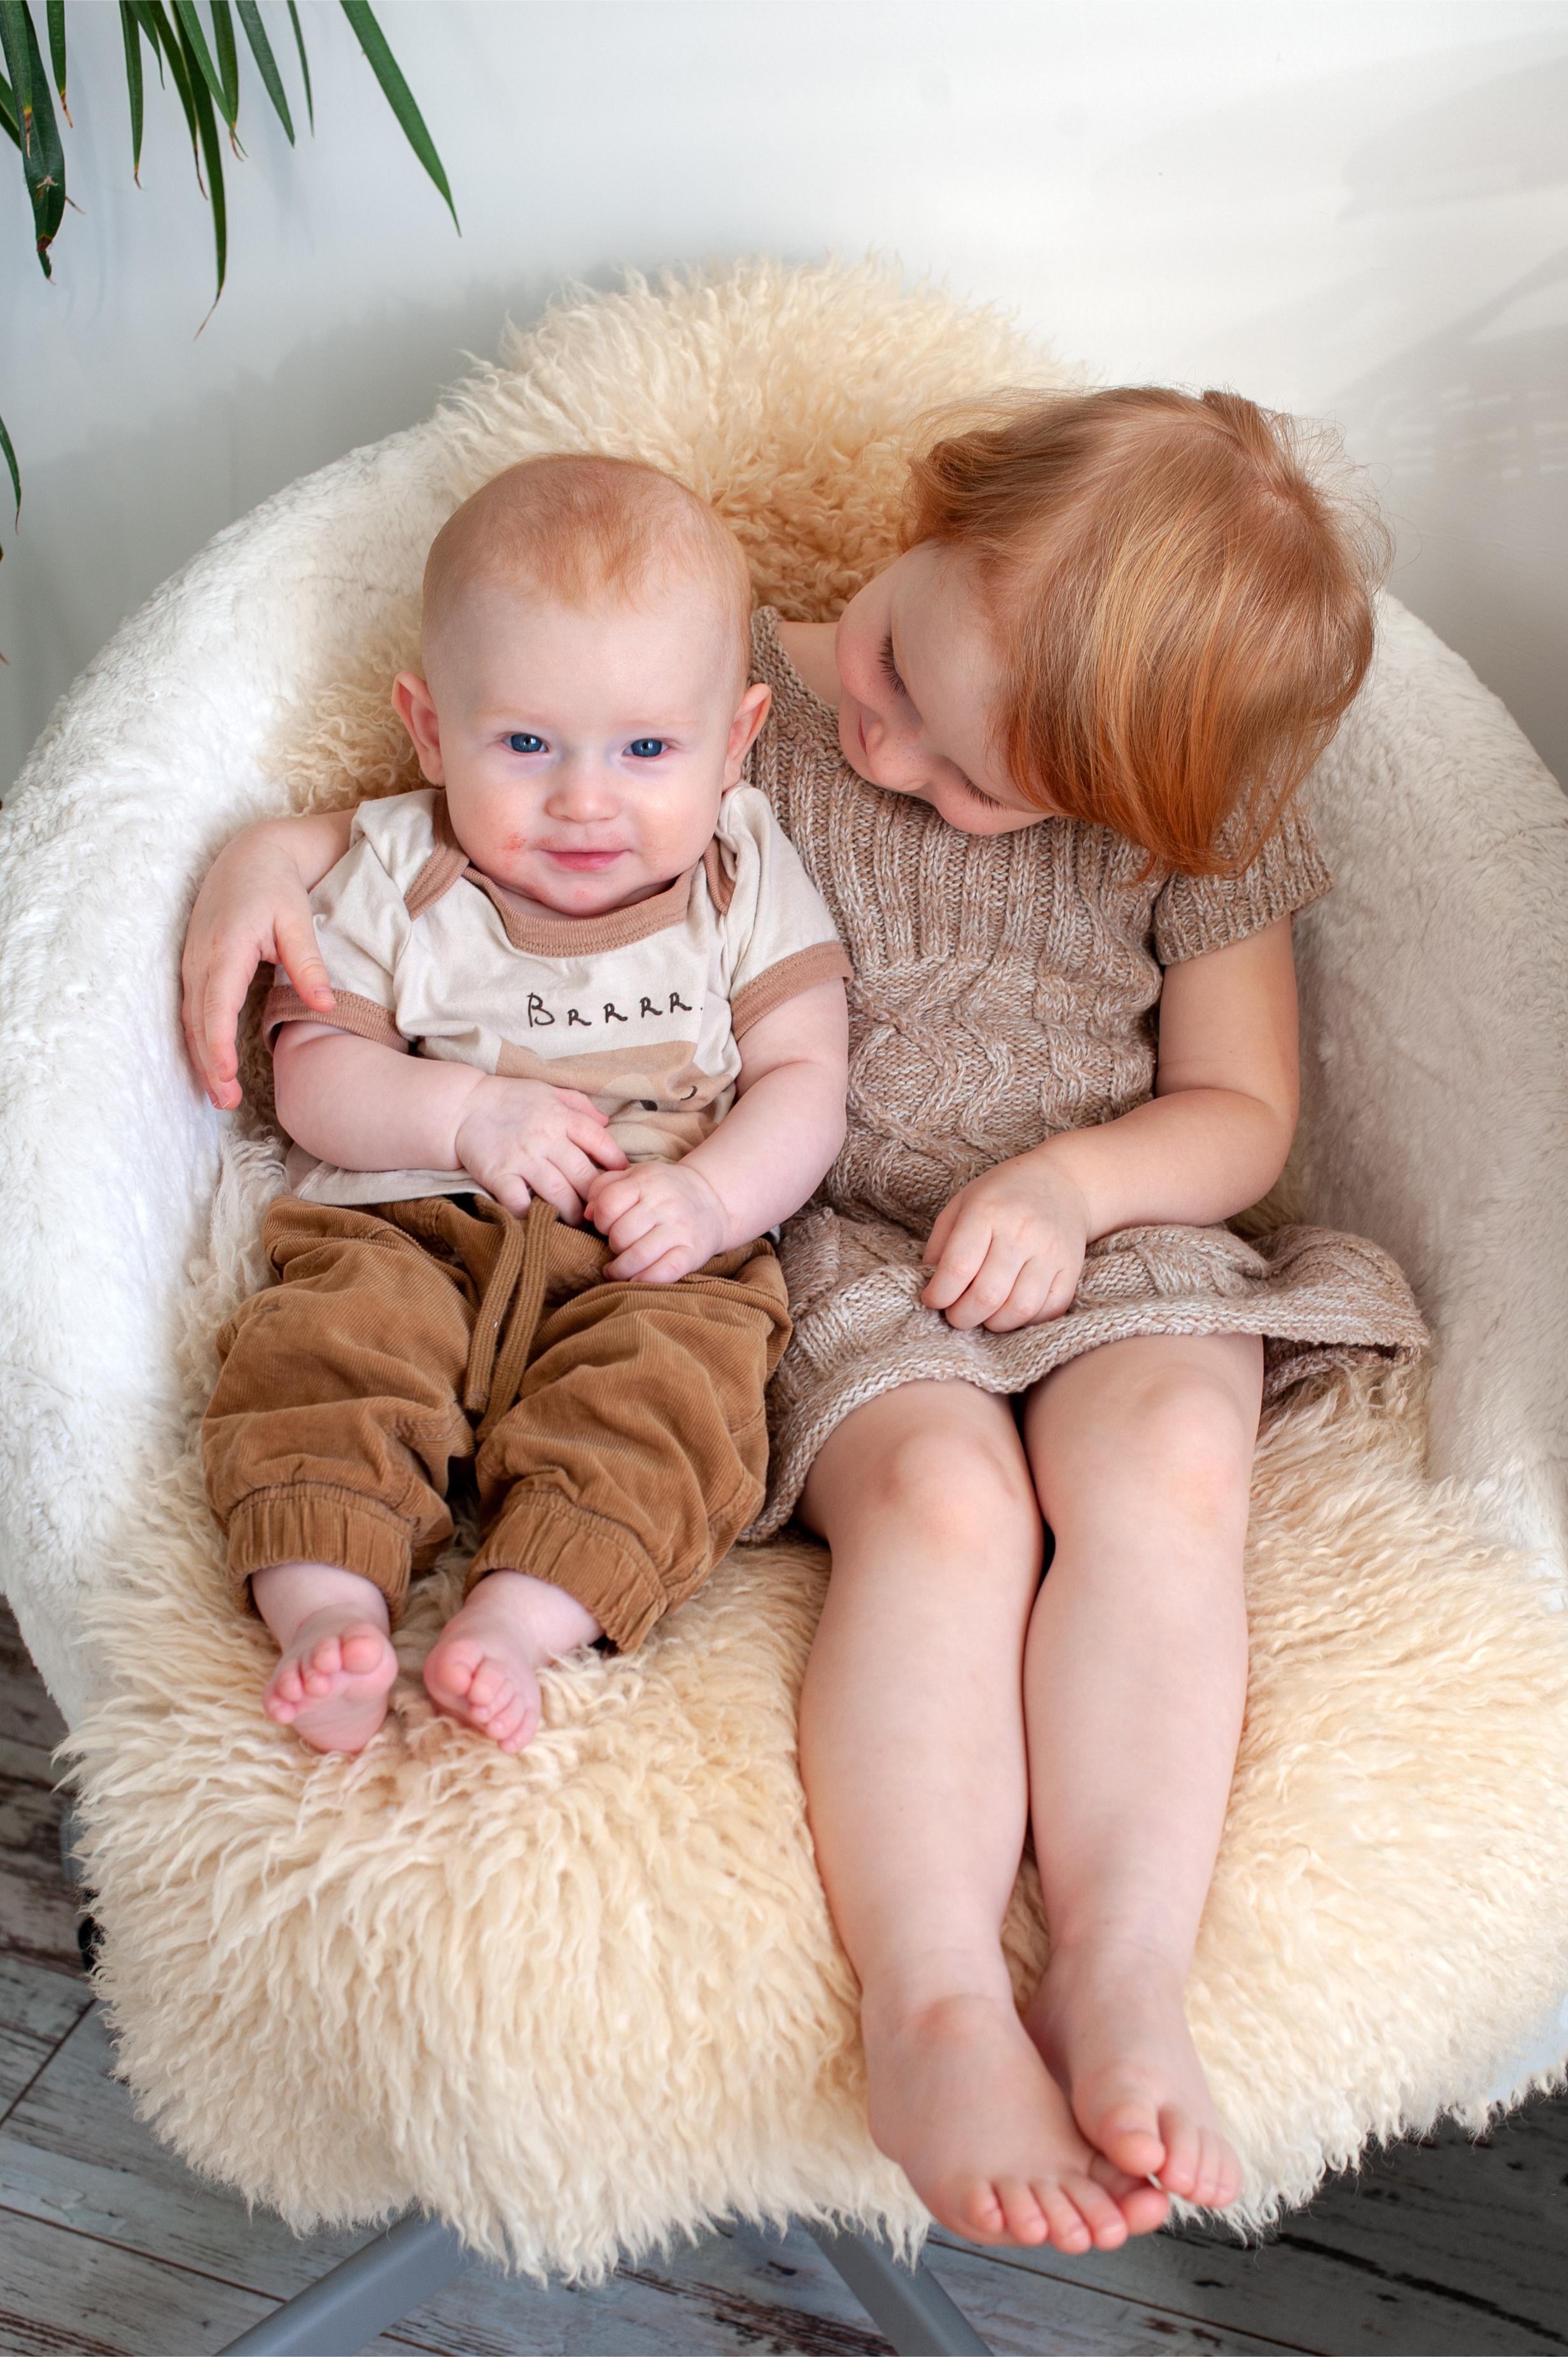 ατοπικη δερματιτιδα 2 - Παιδικές Δερματοπάθειες